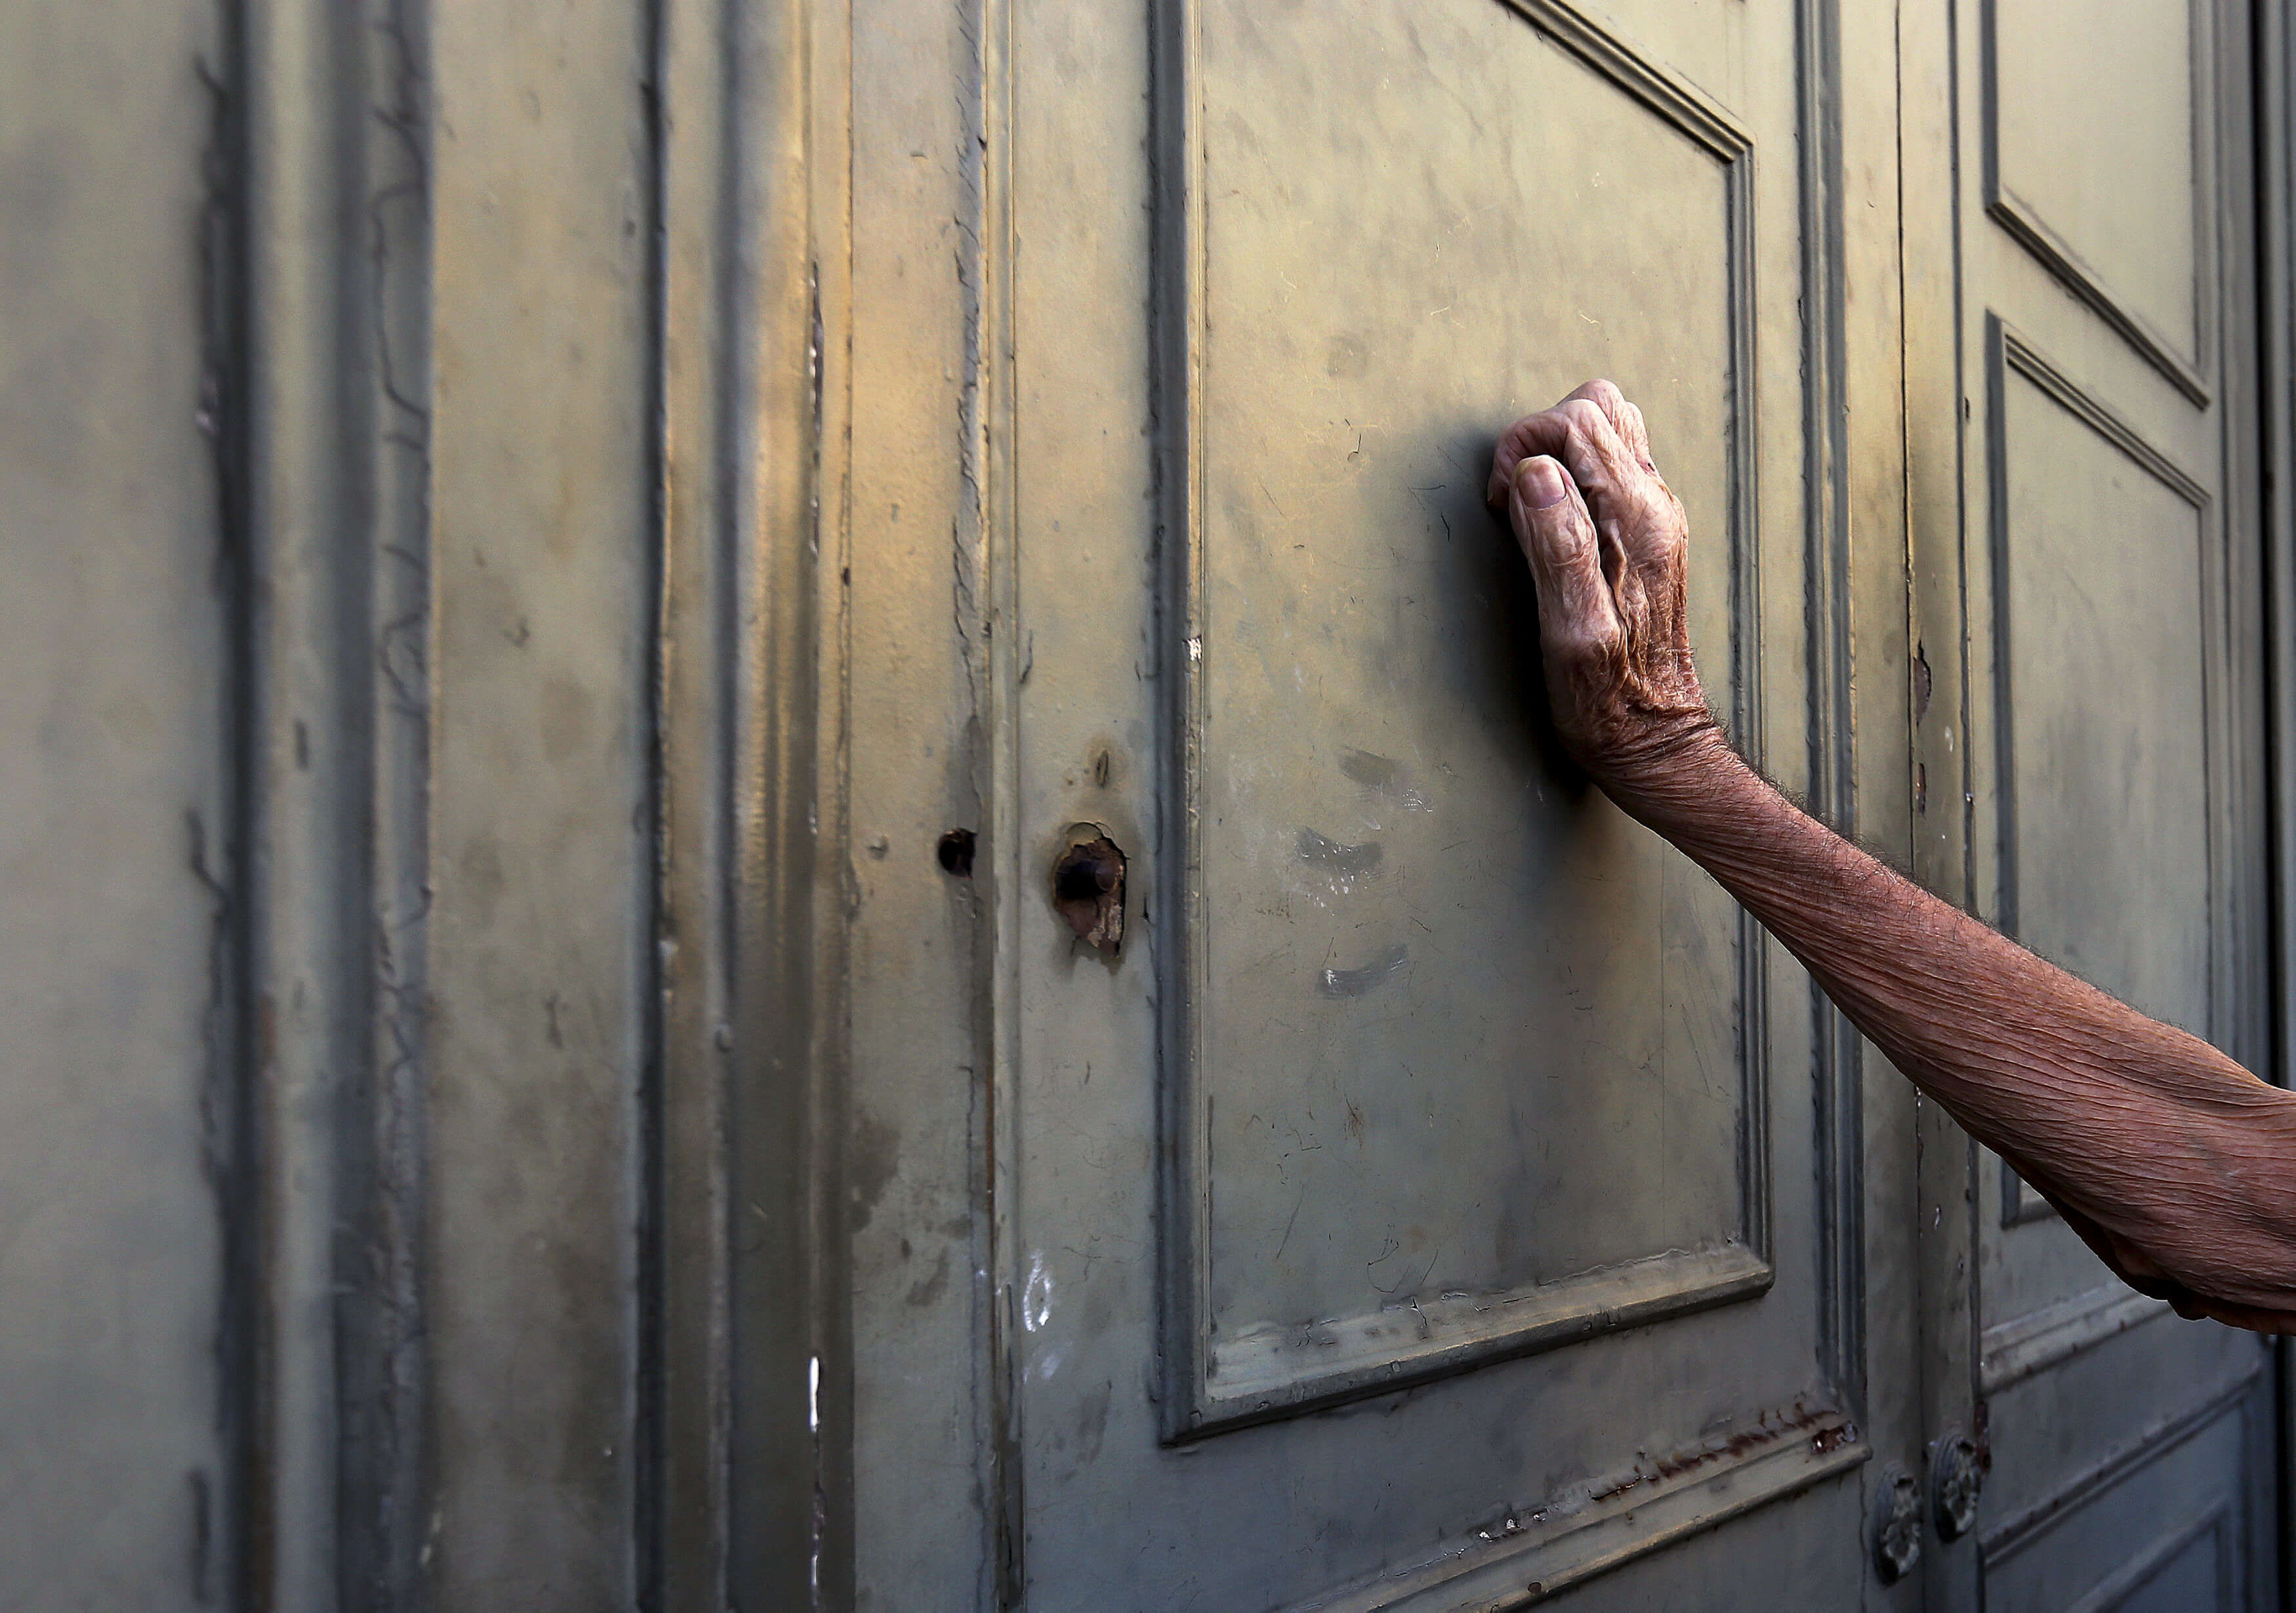 Συντάξεις: Βραδυφλεγής βόμβα για την επόμενη κυβέρνηση το συνταξιοδοτικό